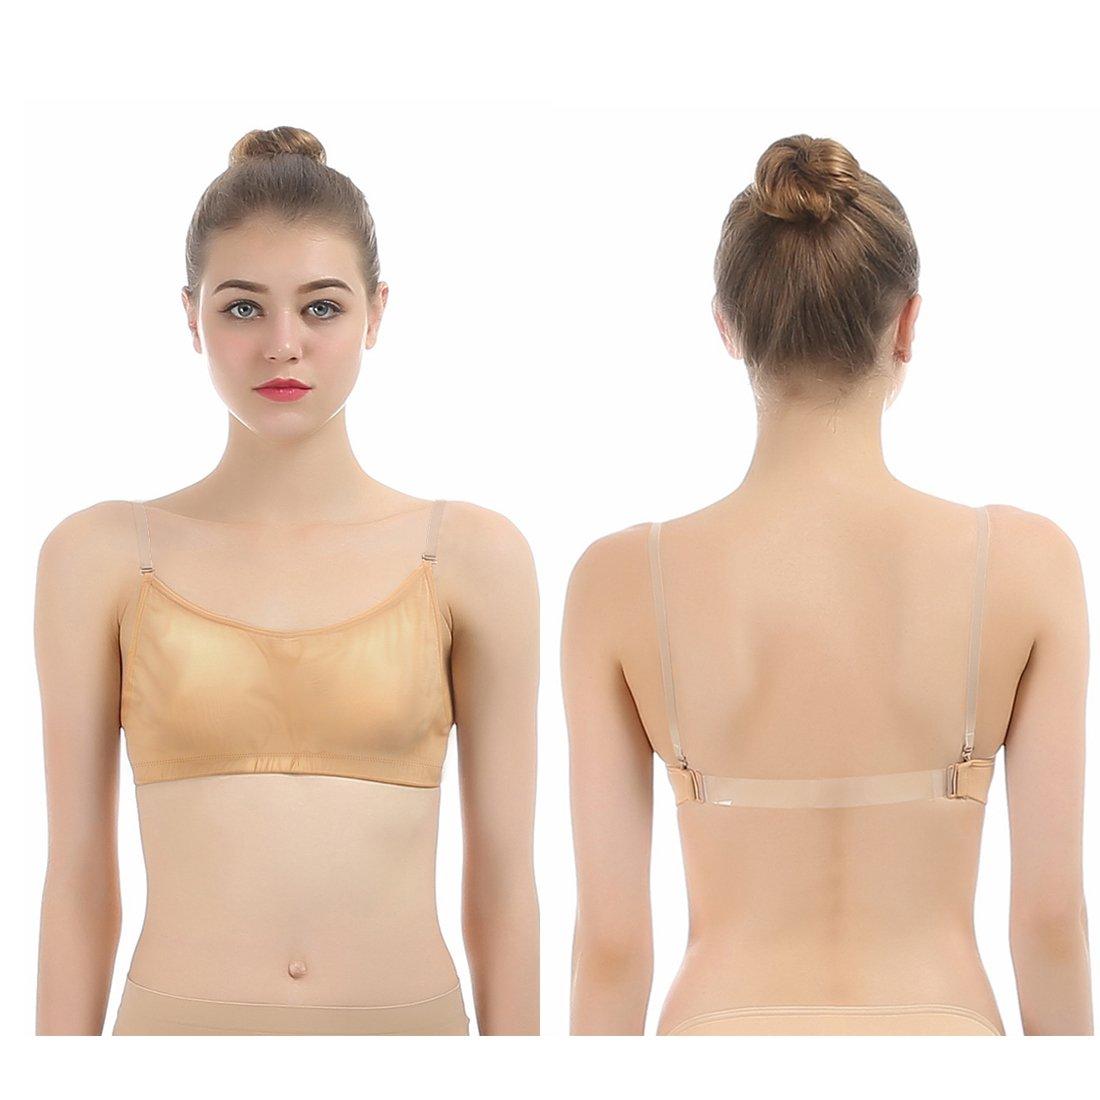 iMucci Professioneller hautfarbener oder durchsichtiger BH–Nahtloser rückenfreier Freebra mit verstellbaren durchsichtigen Trägern für Ballett, Tanz oder Party.